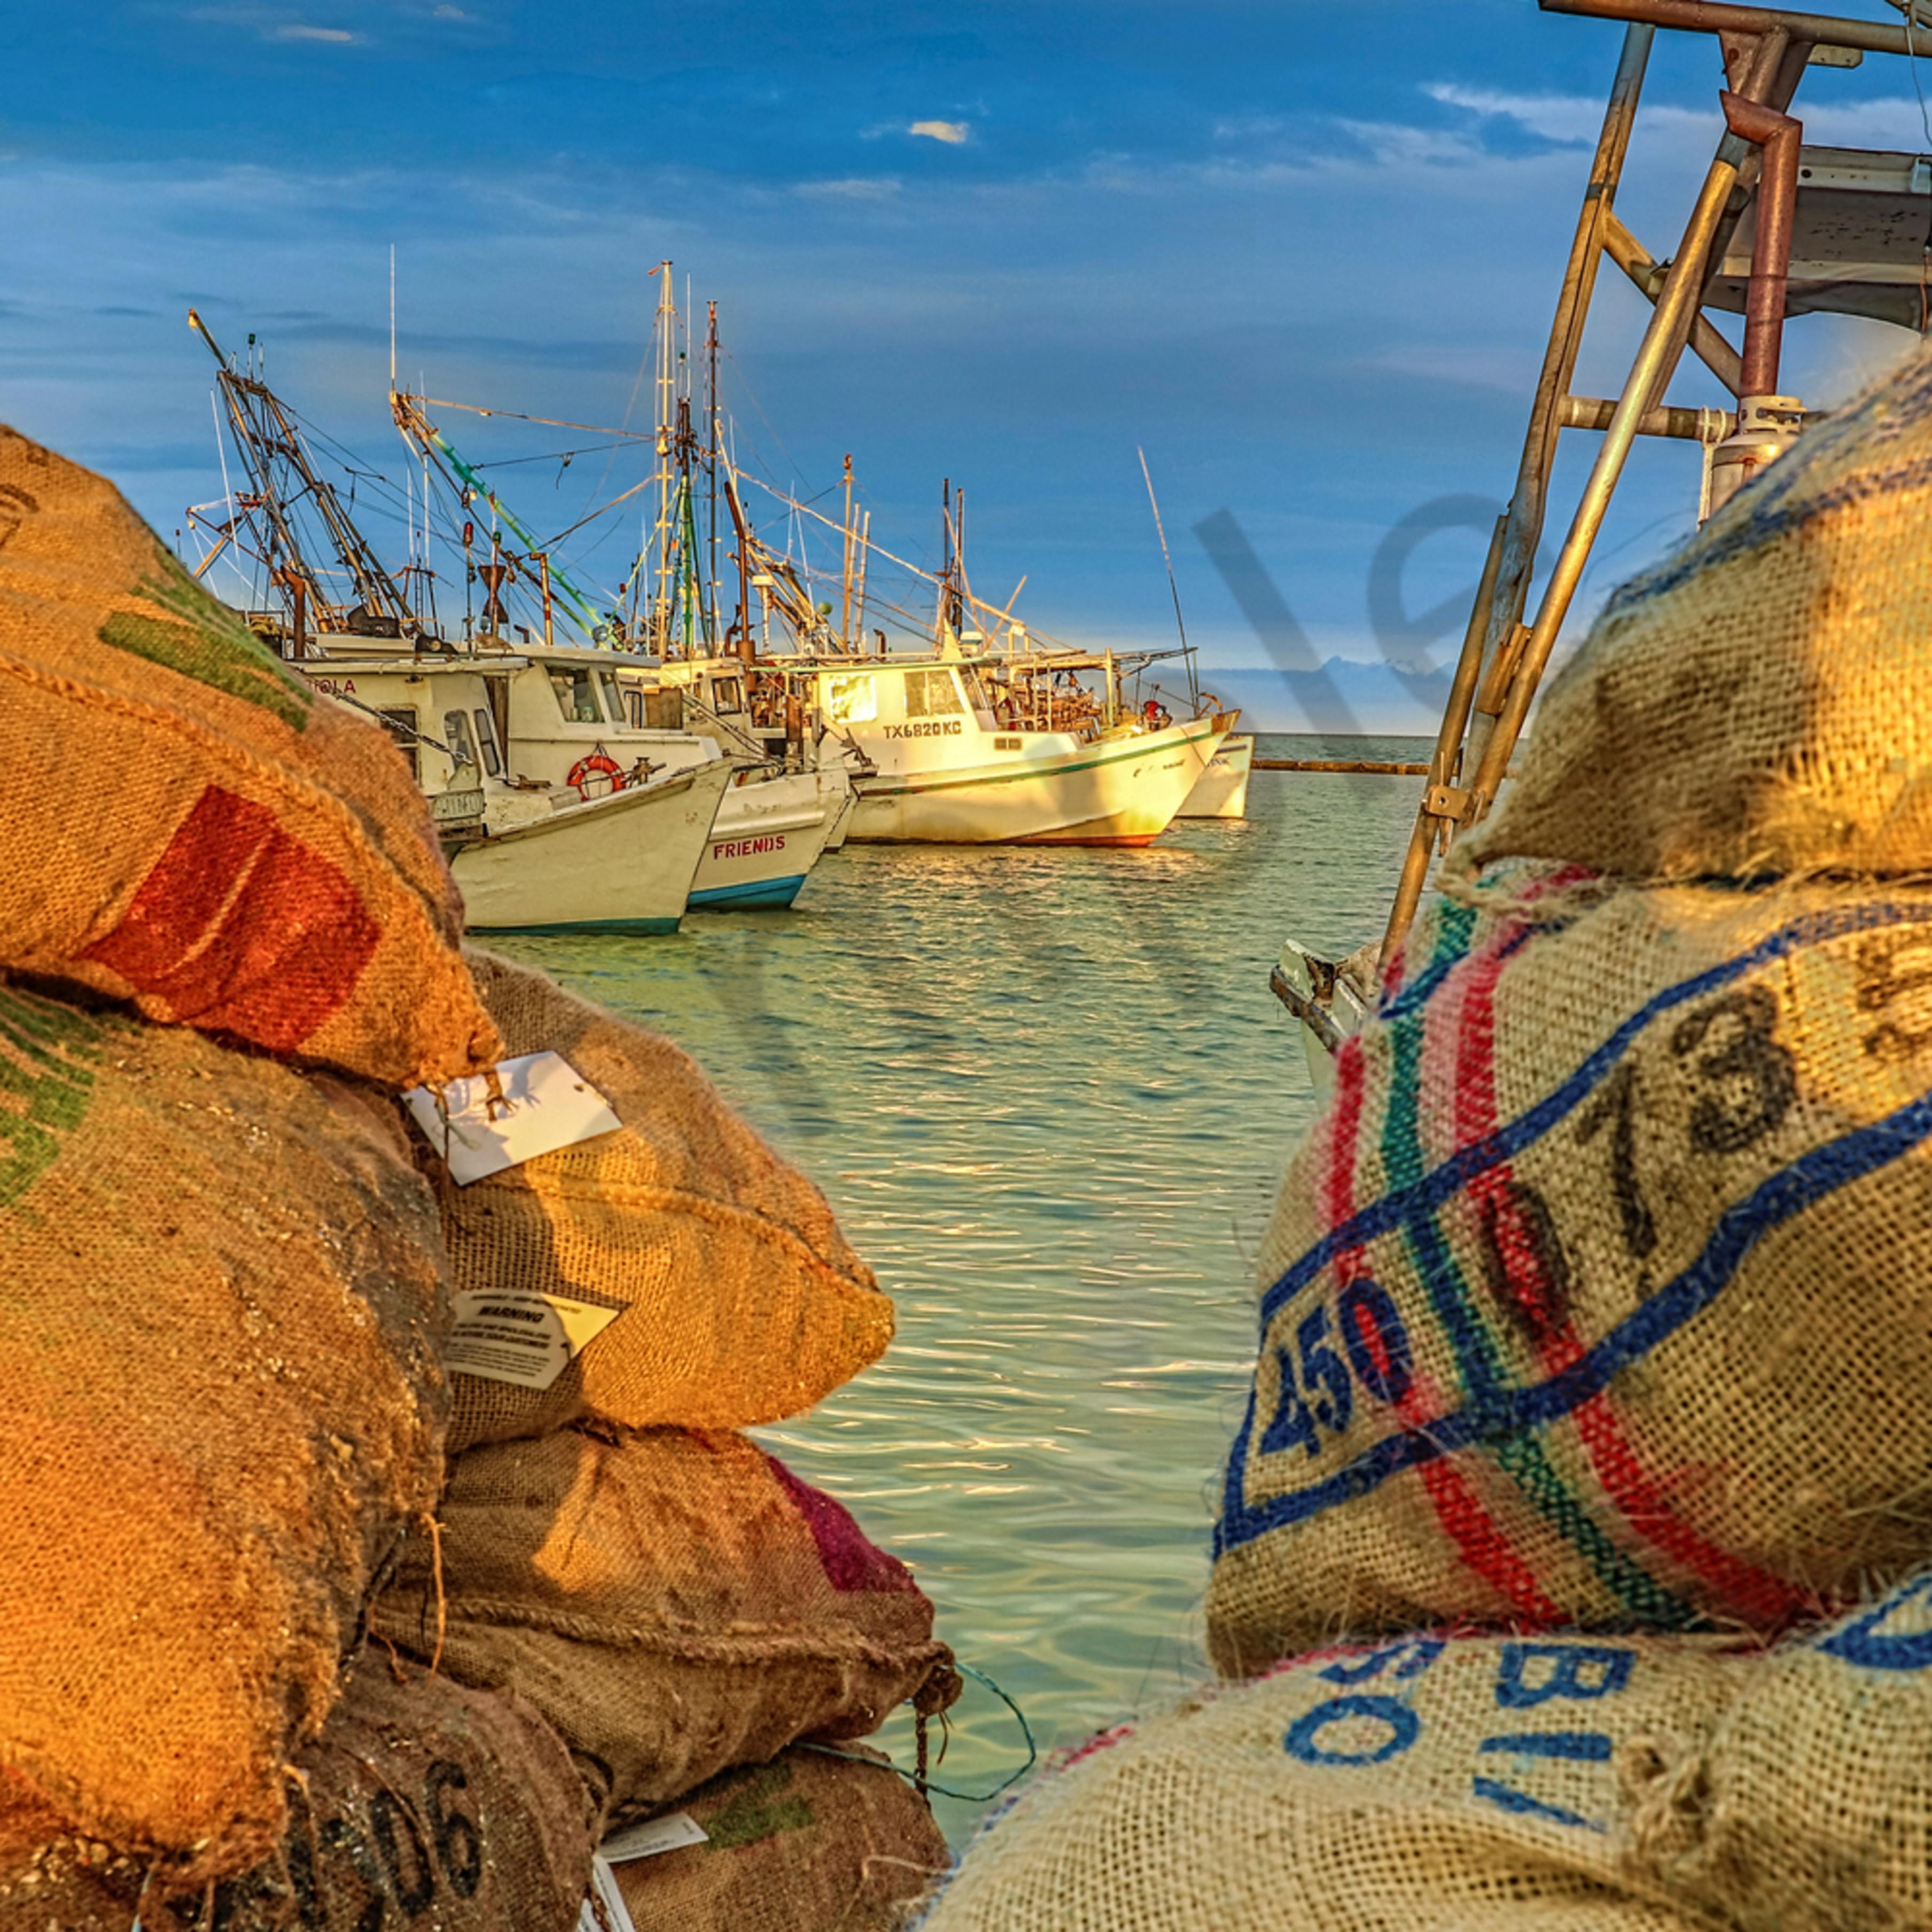 Oyster gold k9uk0u